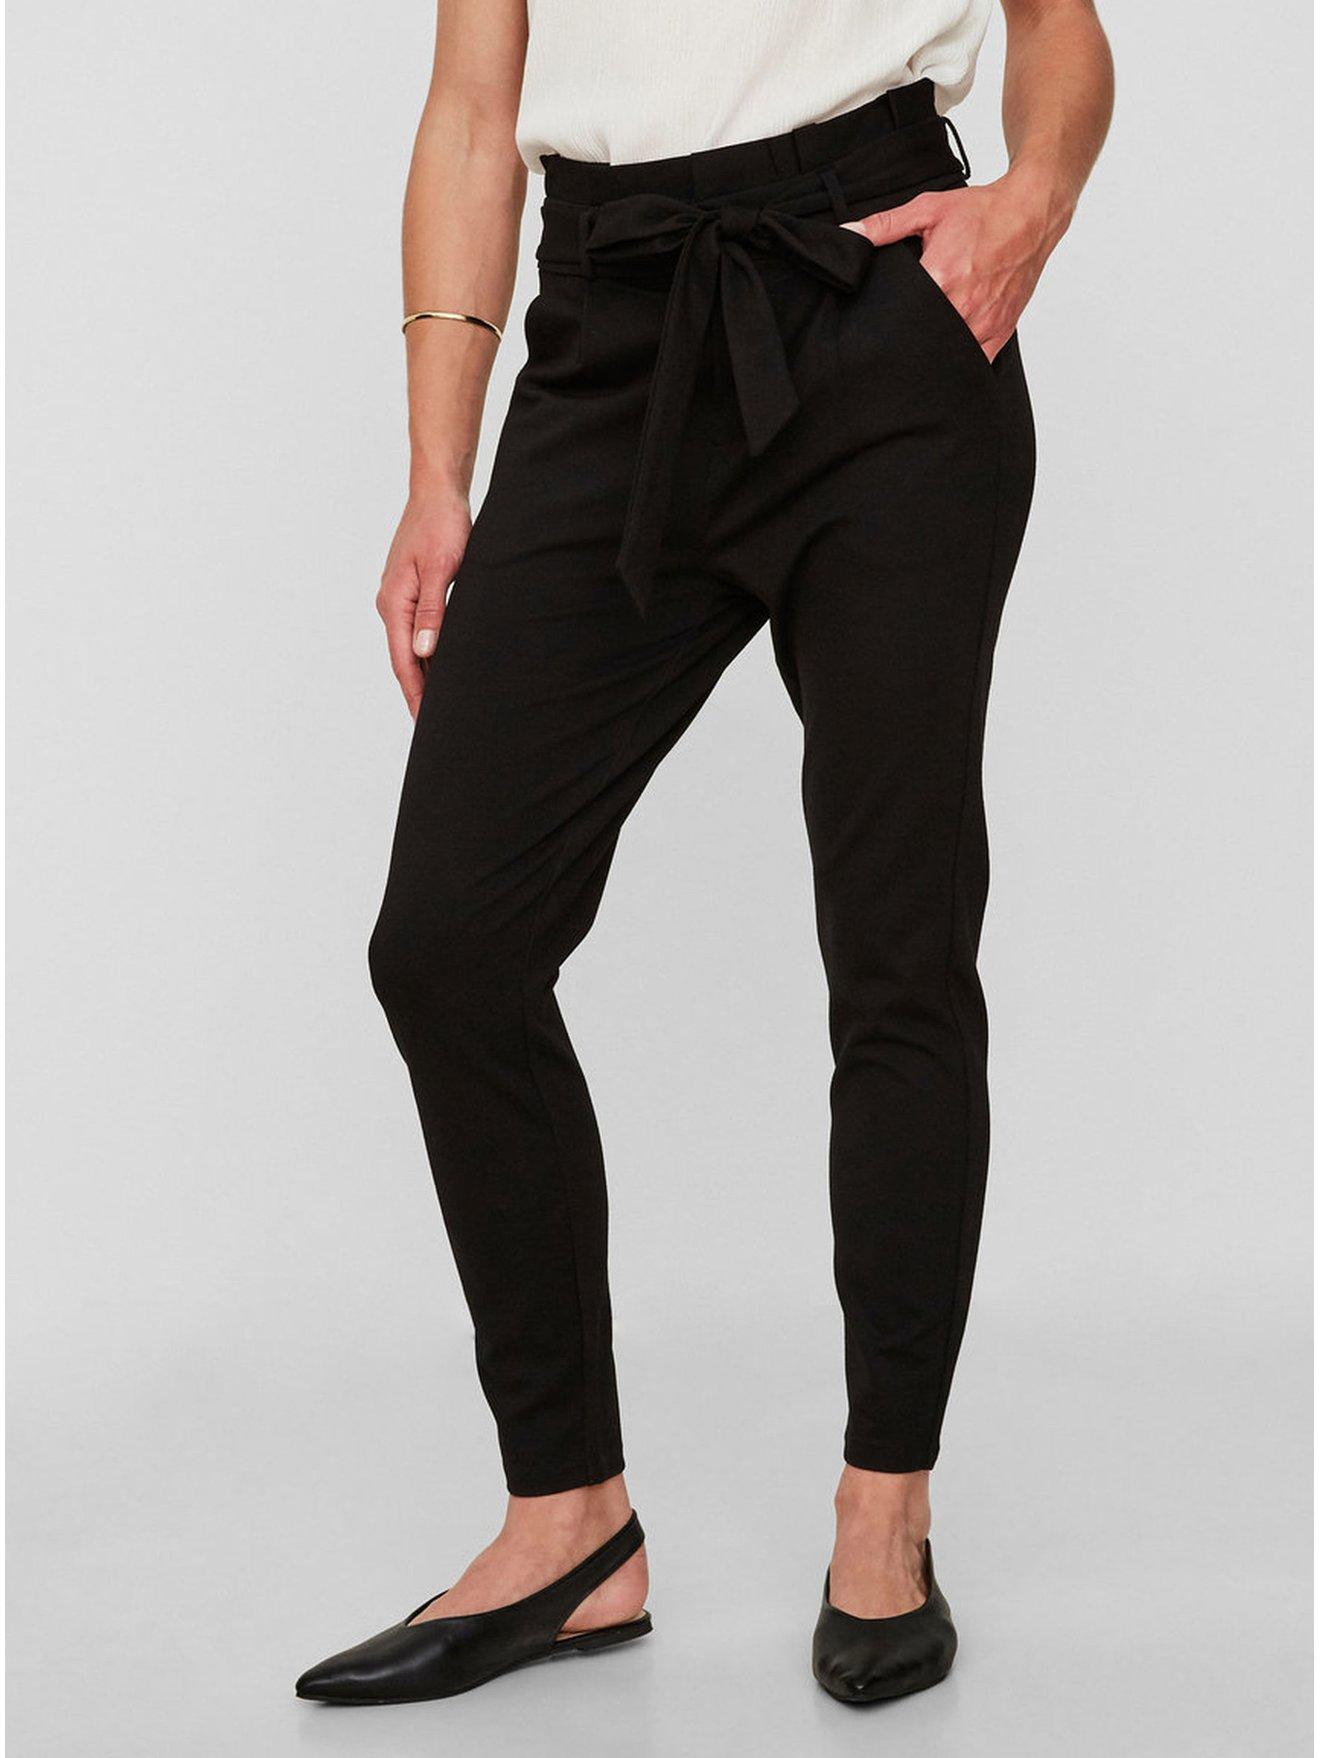 Černé zkrácené kalhoty s vysokým pasem VERO MODA 53fb589d23